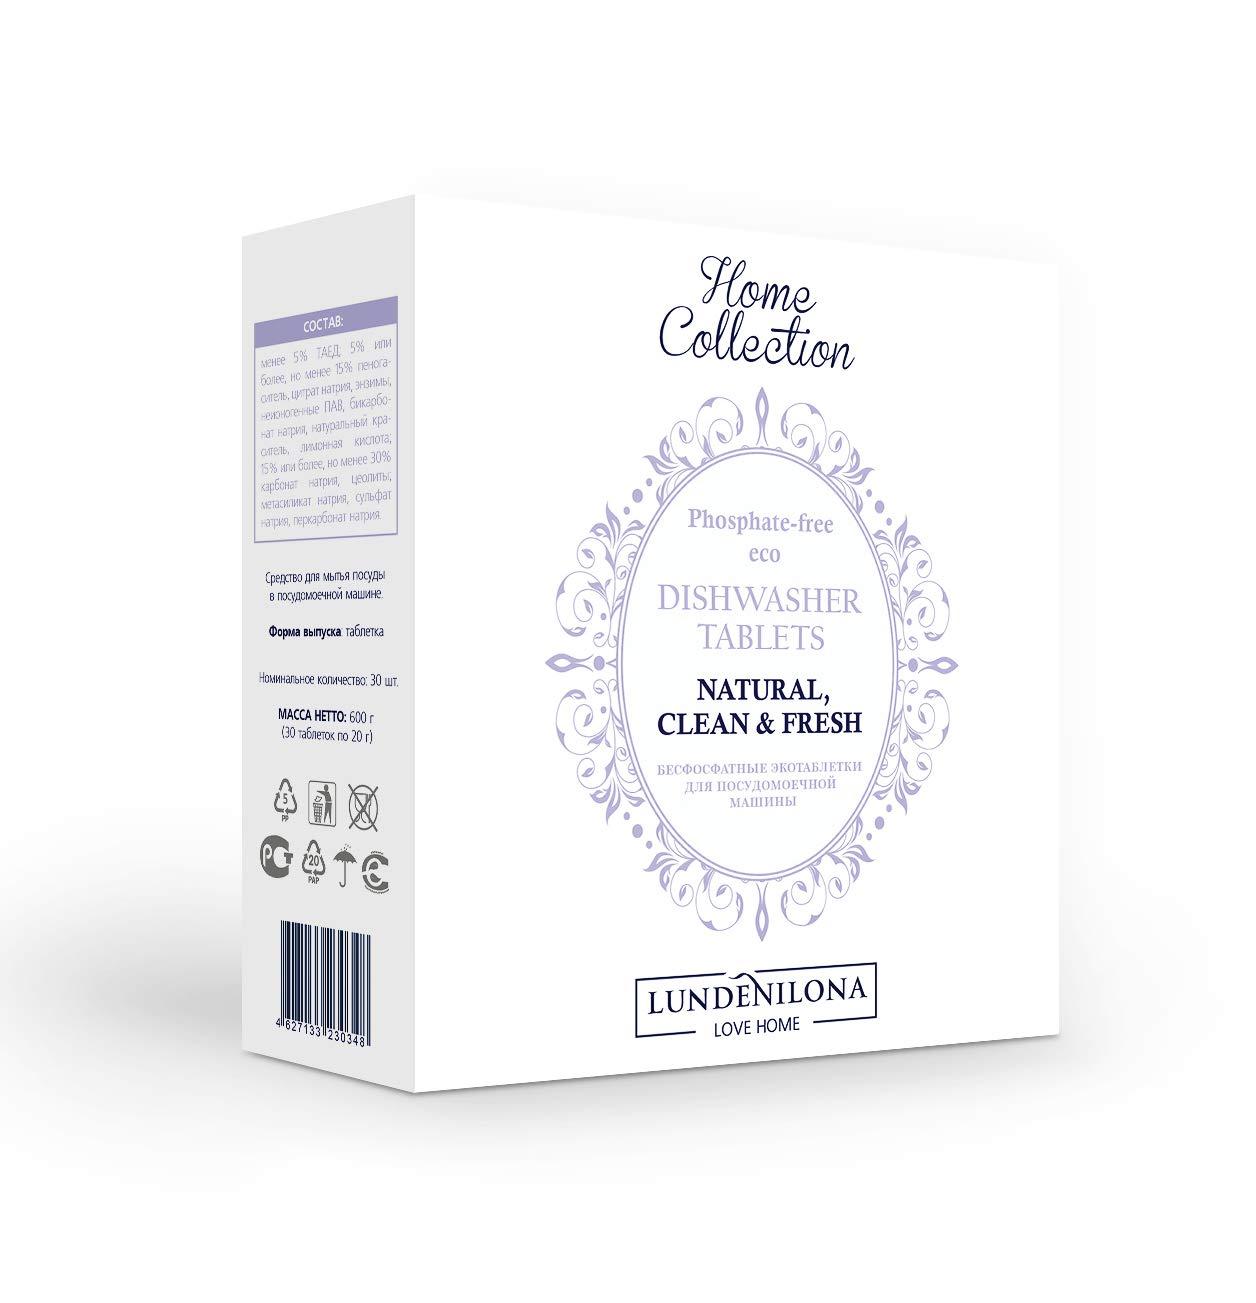 LUNDENILONA pastillas de lavavajillas ecológicas libres de ...